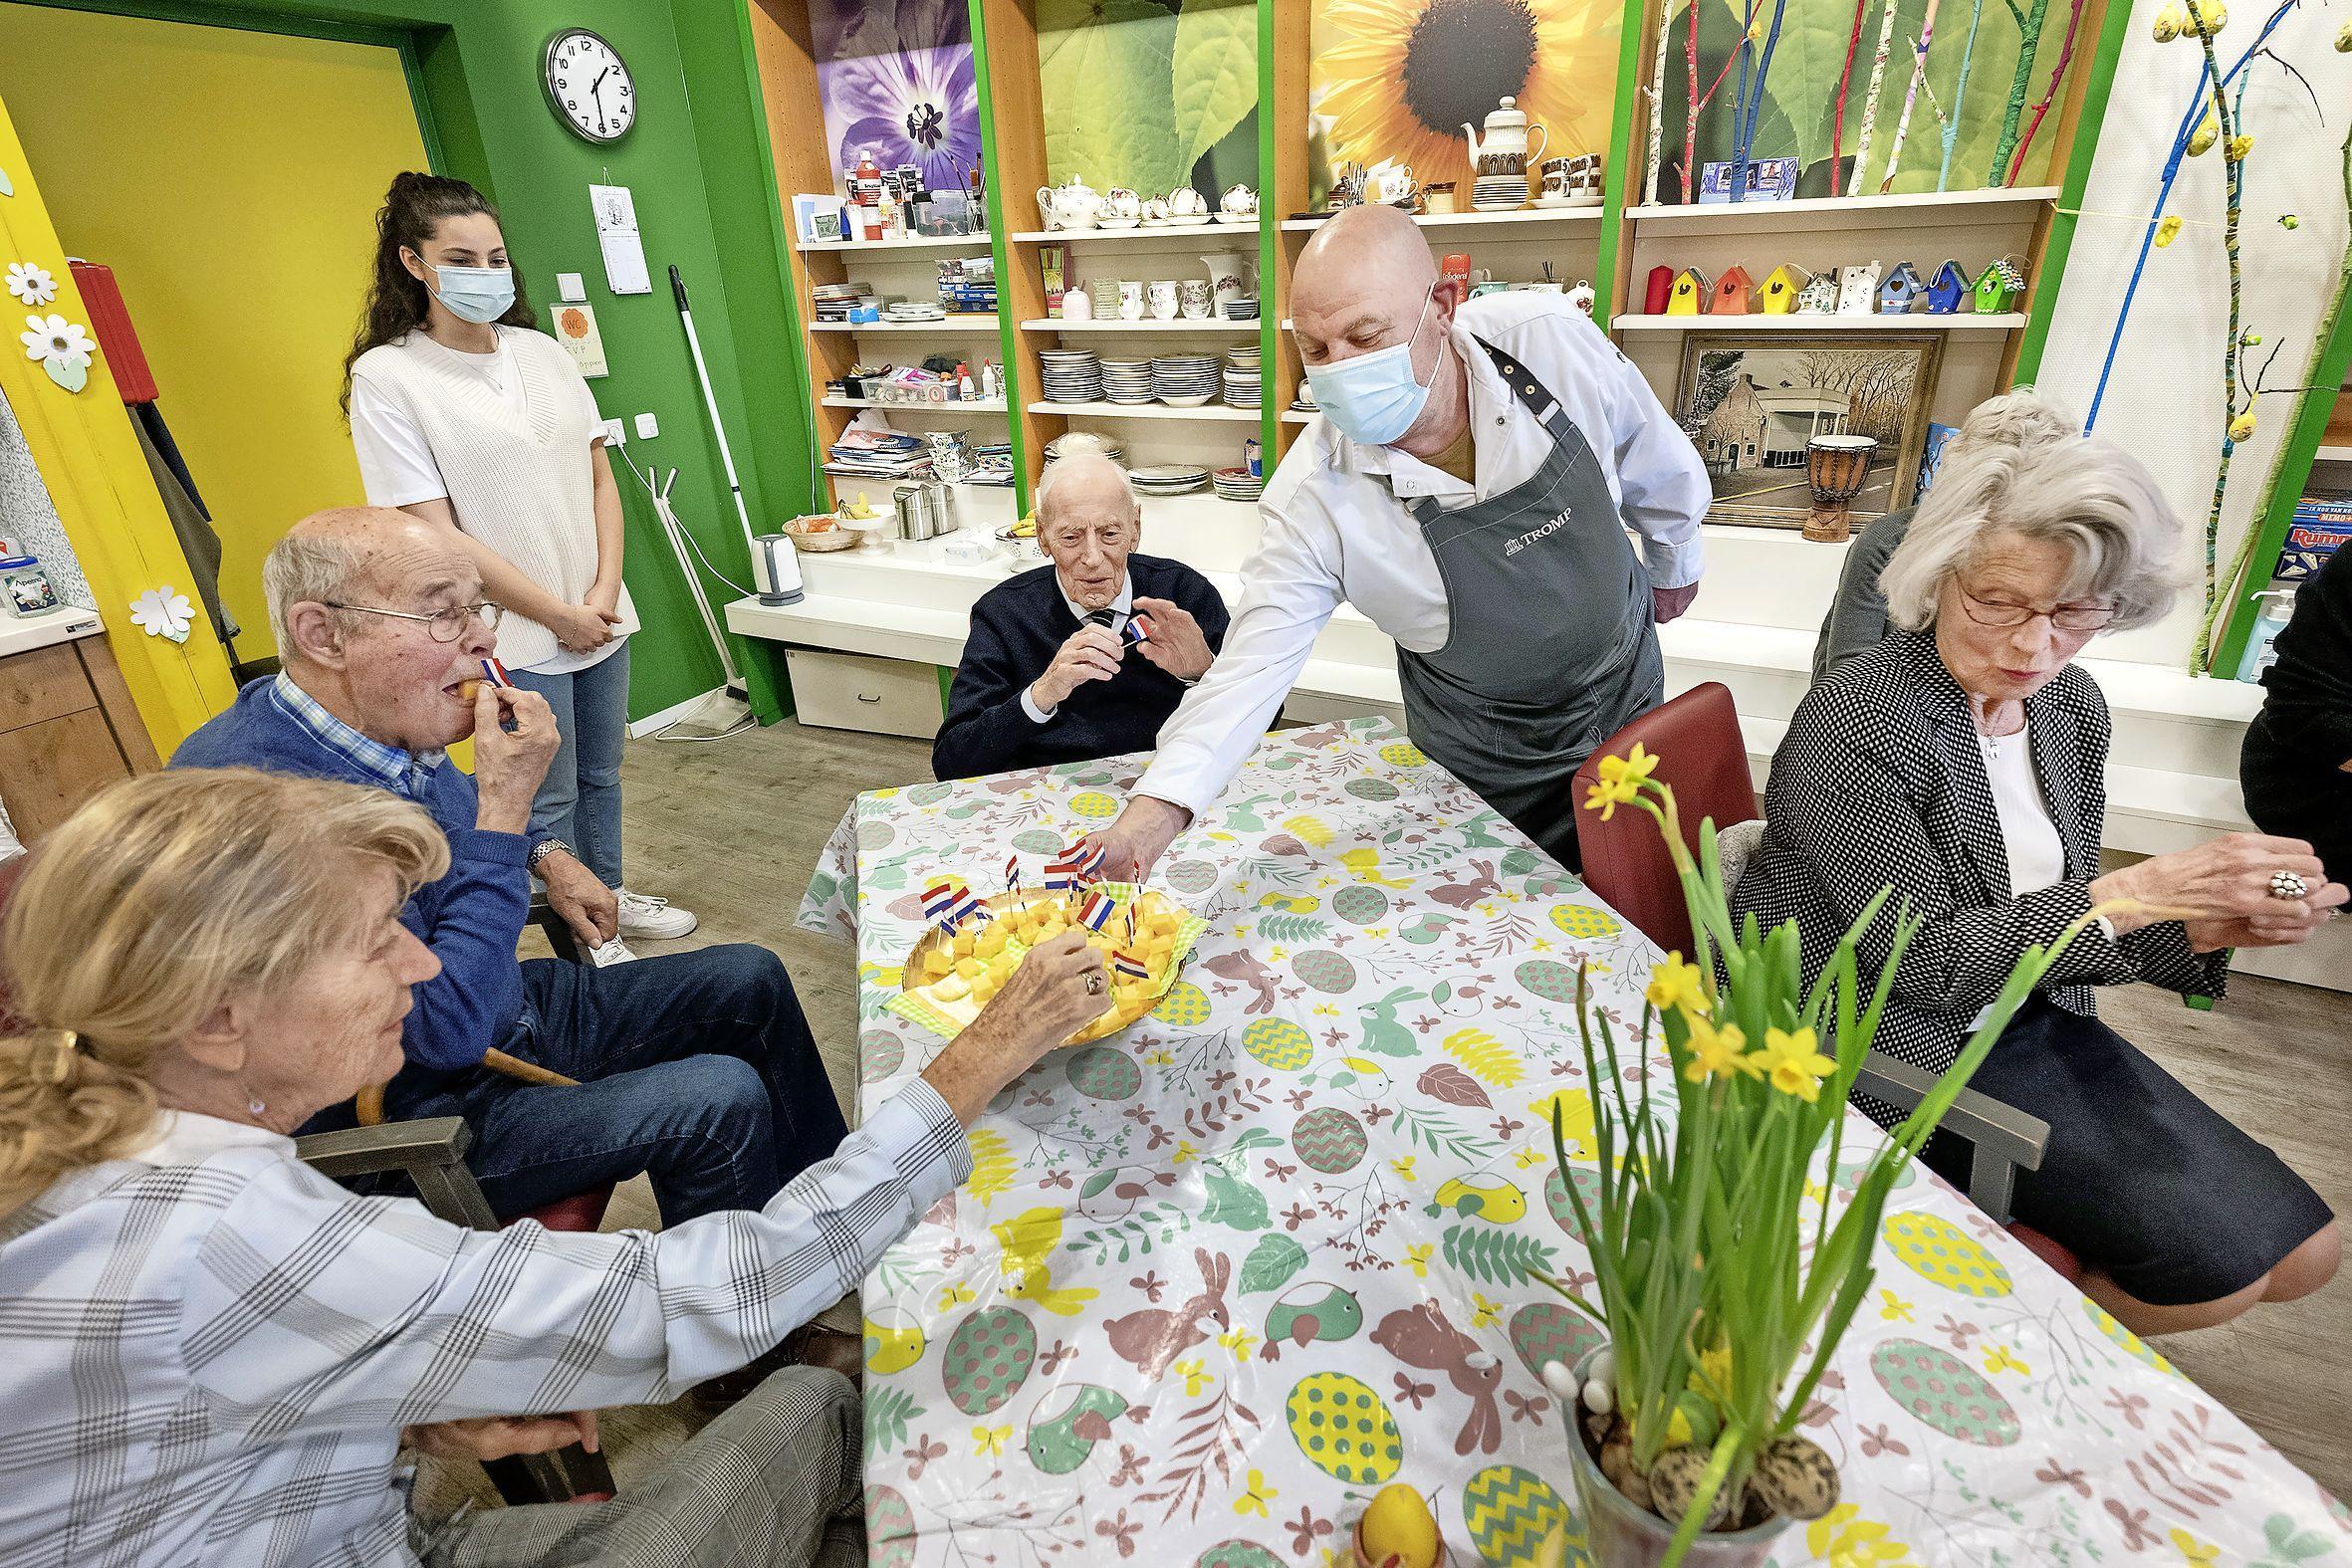 Speciale kaas voor het goede doel: ouderen van Bloemenstroom willen een studioalbum opnemen